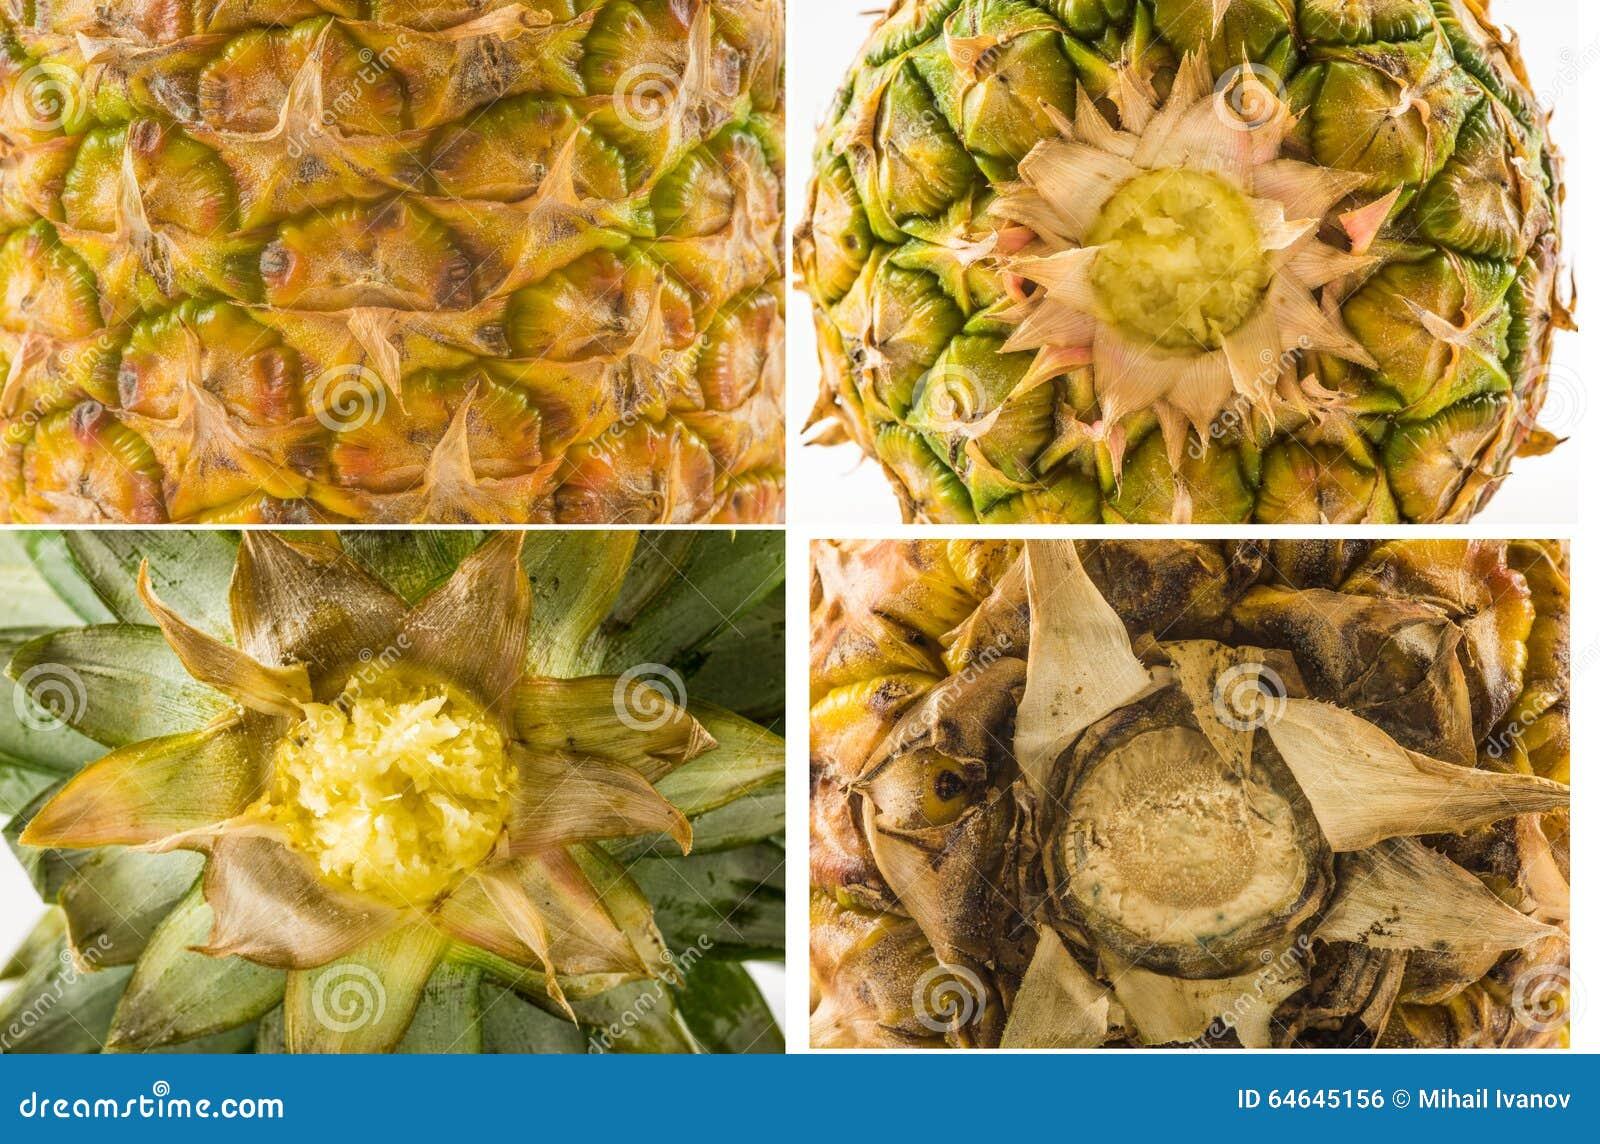 Fyra texturer av olika typer av ananaspeelen - överkant-, botten- och sidosikt